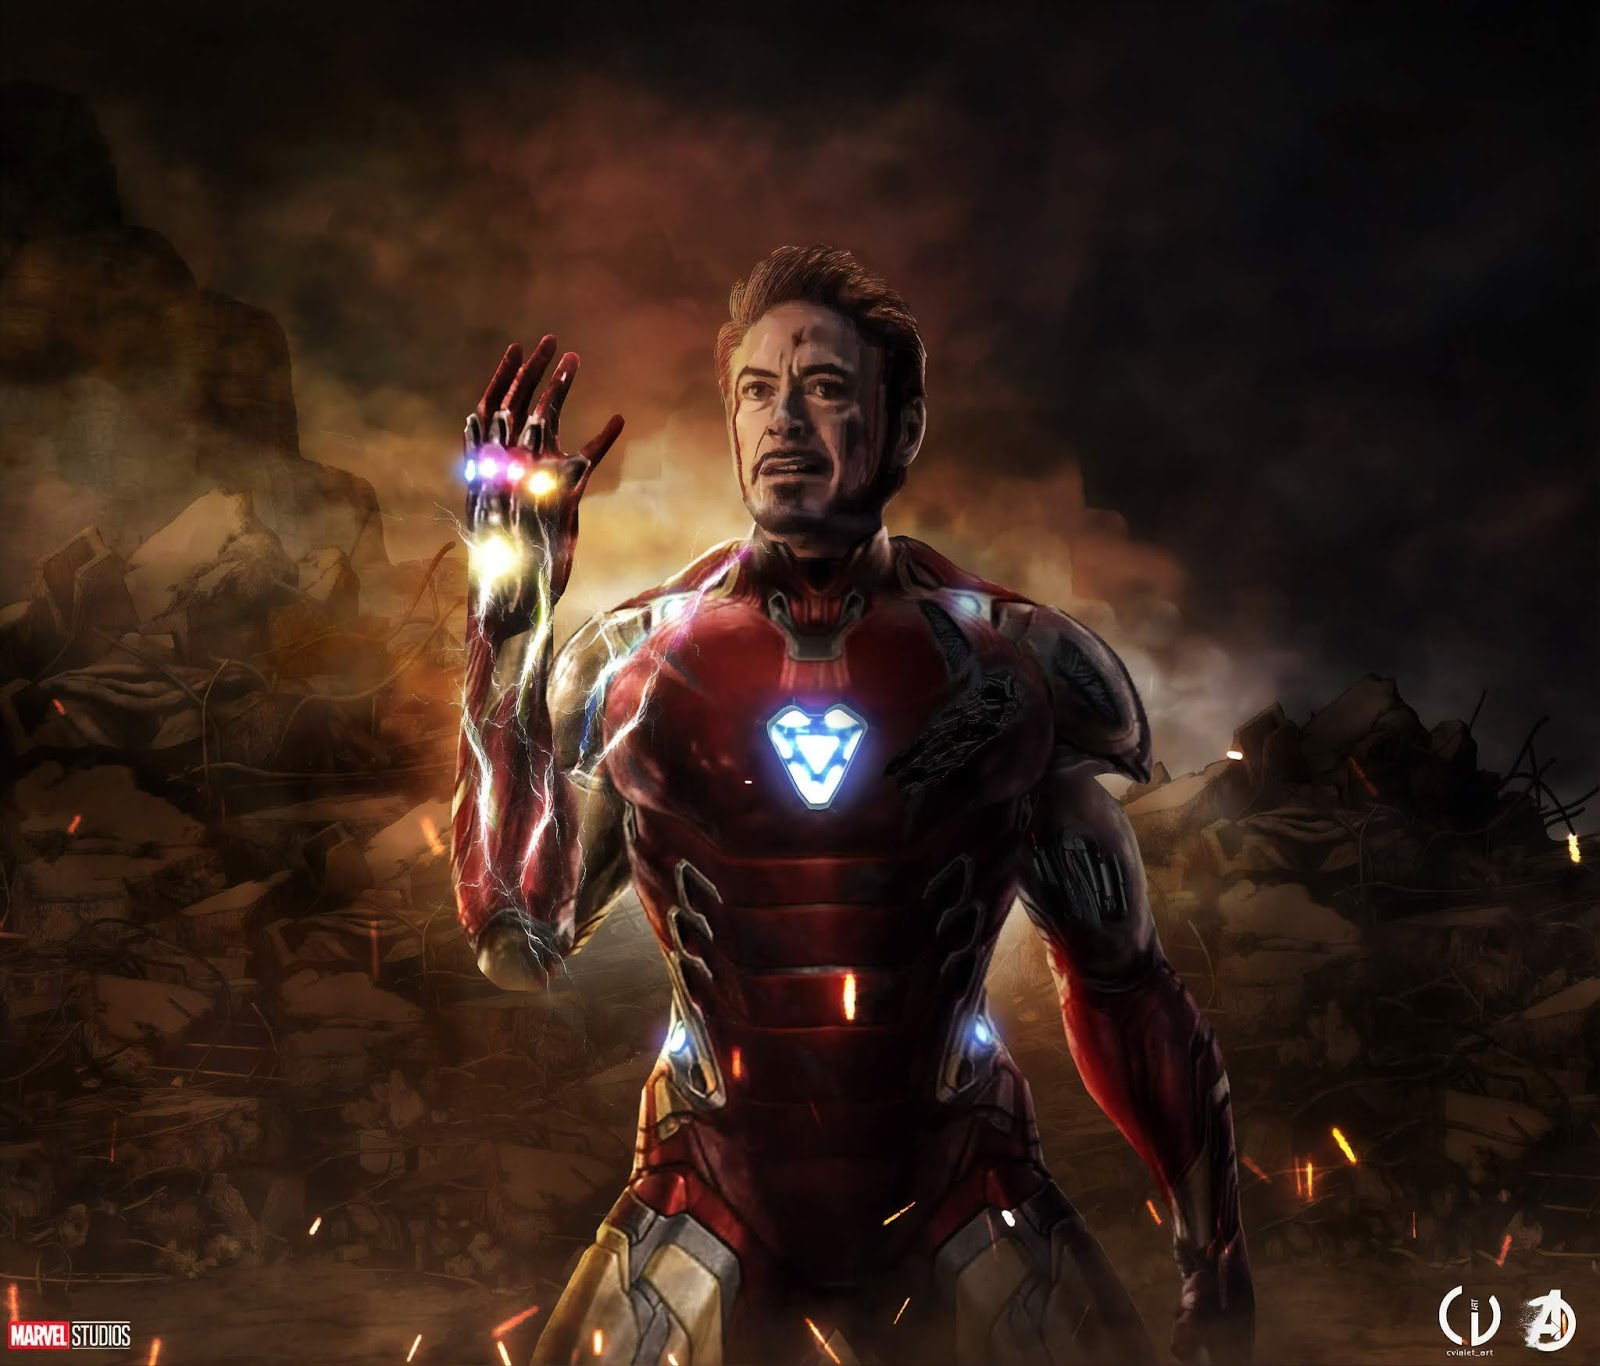 photos of iron man